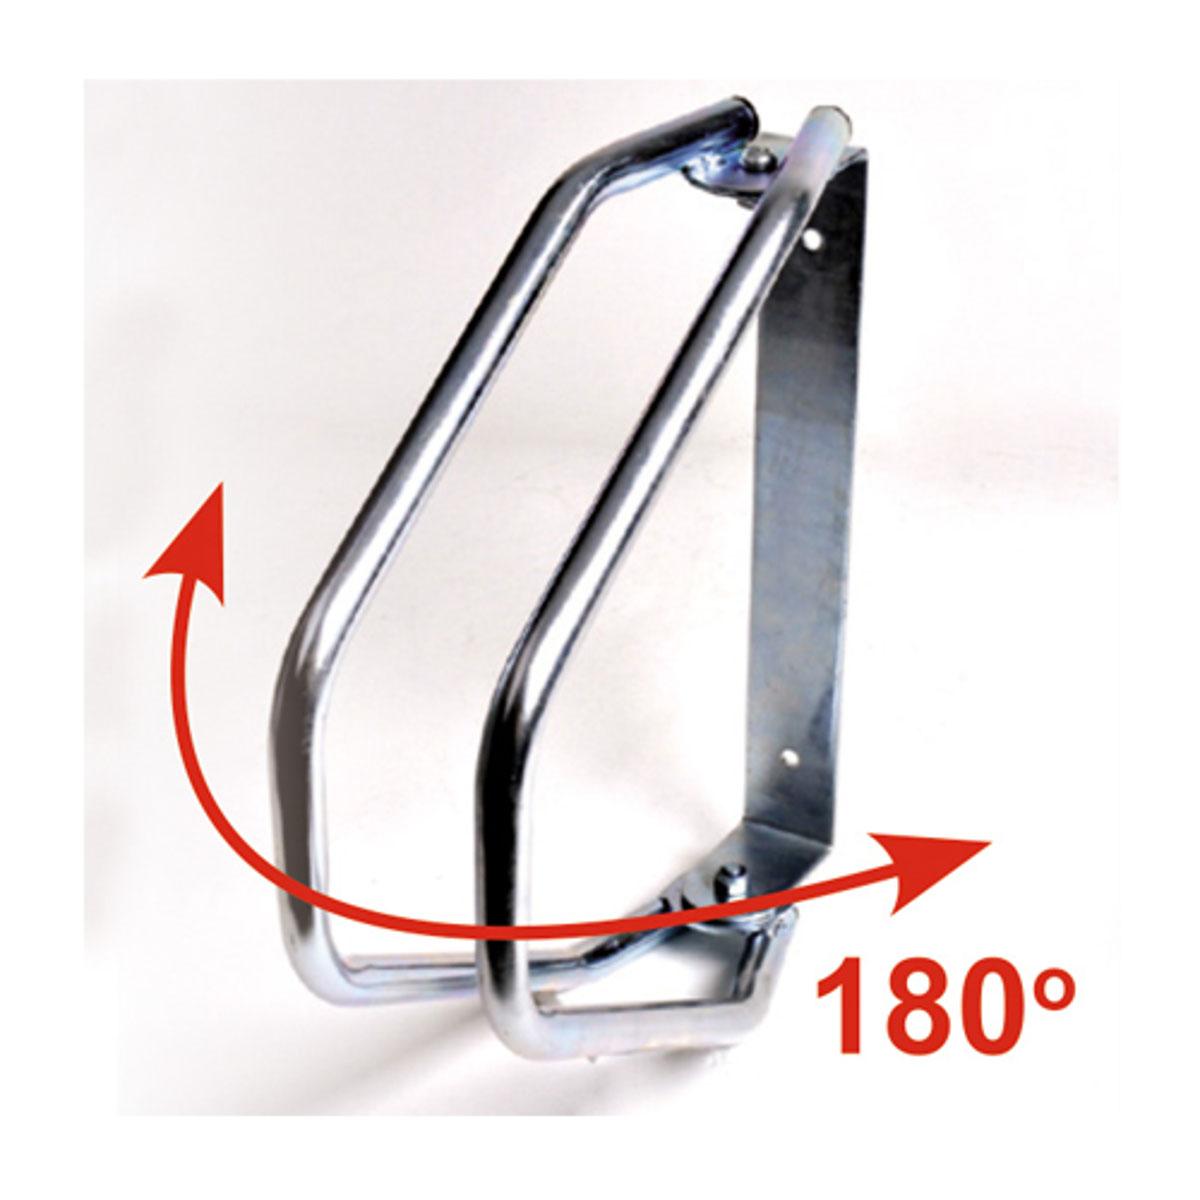 Велопарковка настенная МастерПроф, регулируемаяZ90 blackРегулируемая настенная велопарковка. Удобна для использования в гараже и на улице. Система может быть развернута на 180 градусов. Подходит для шин шириной до 50 мм. Простая установка с помощью двух винтов.